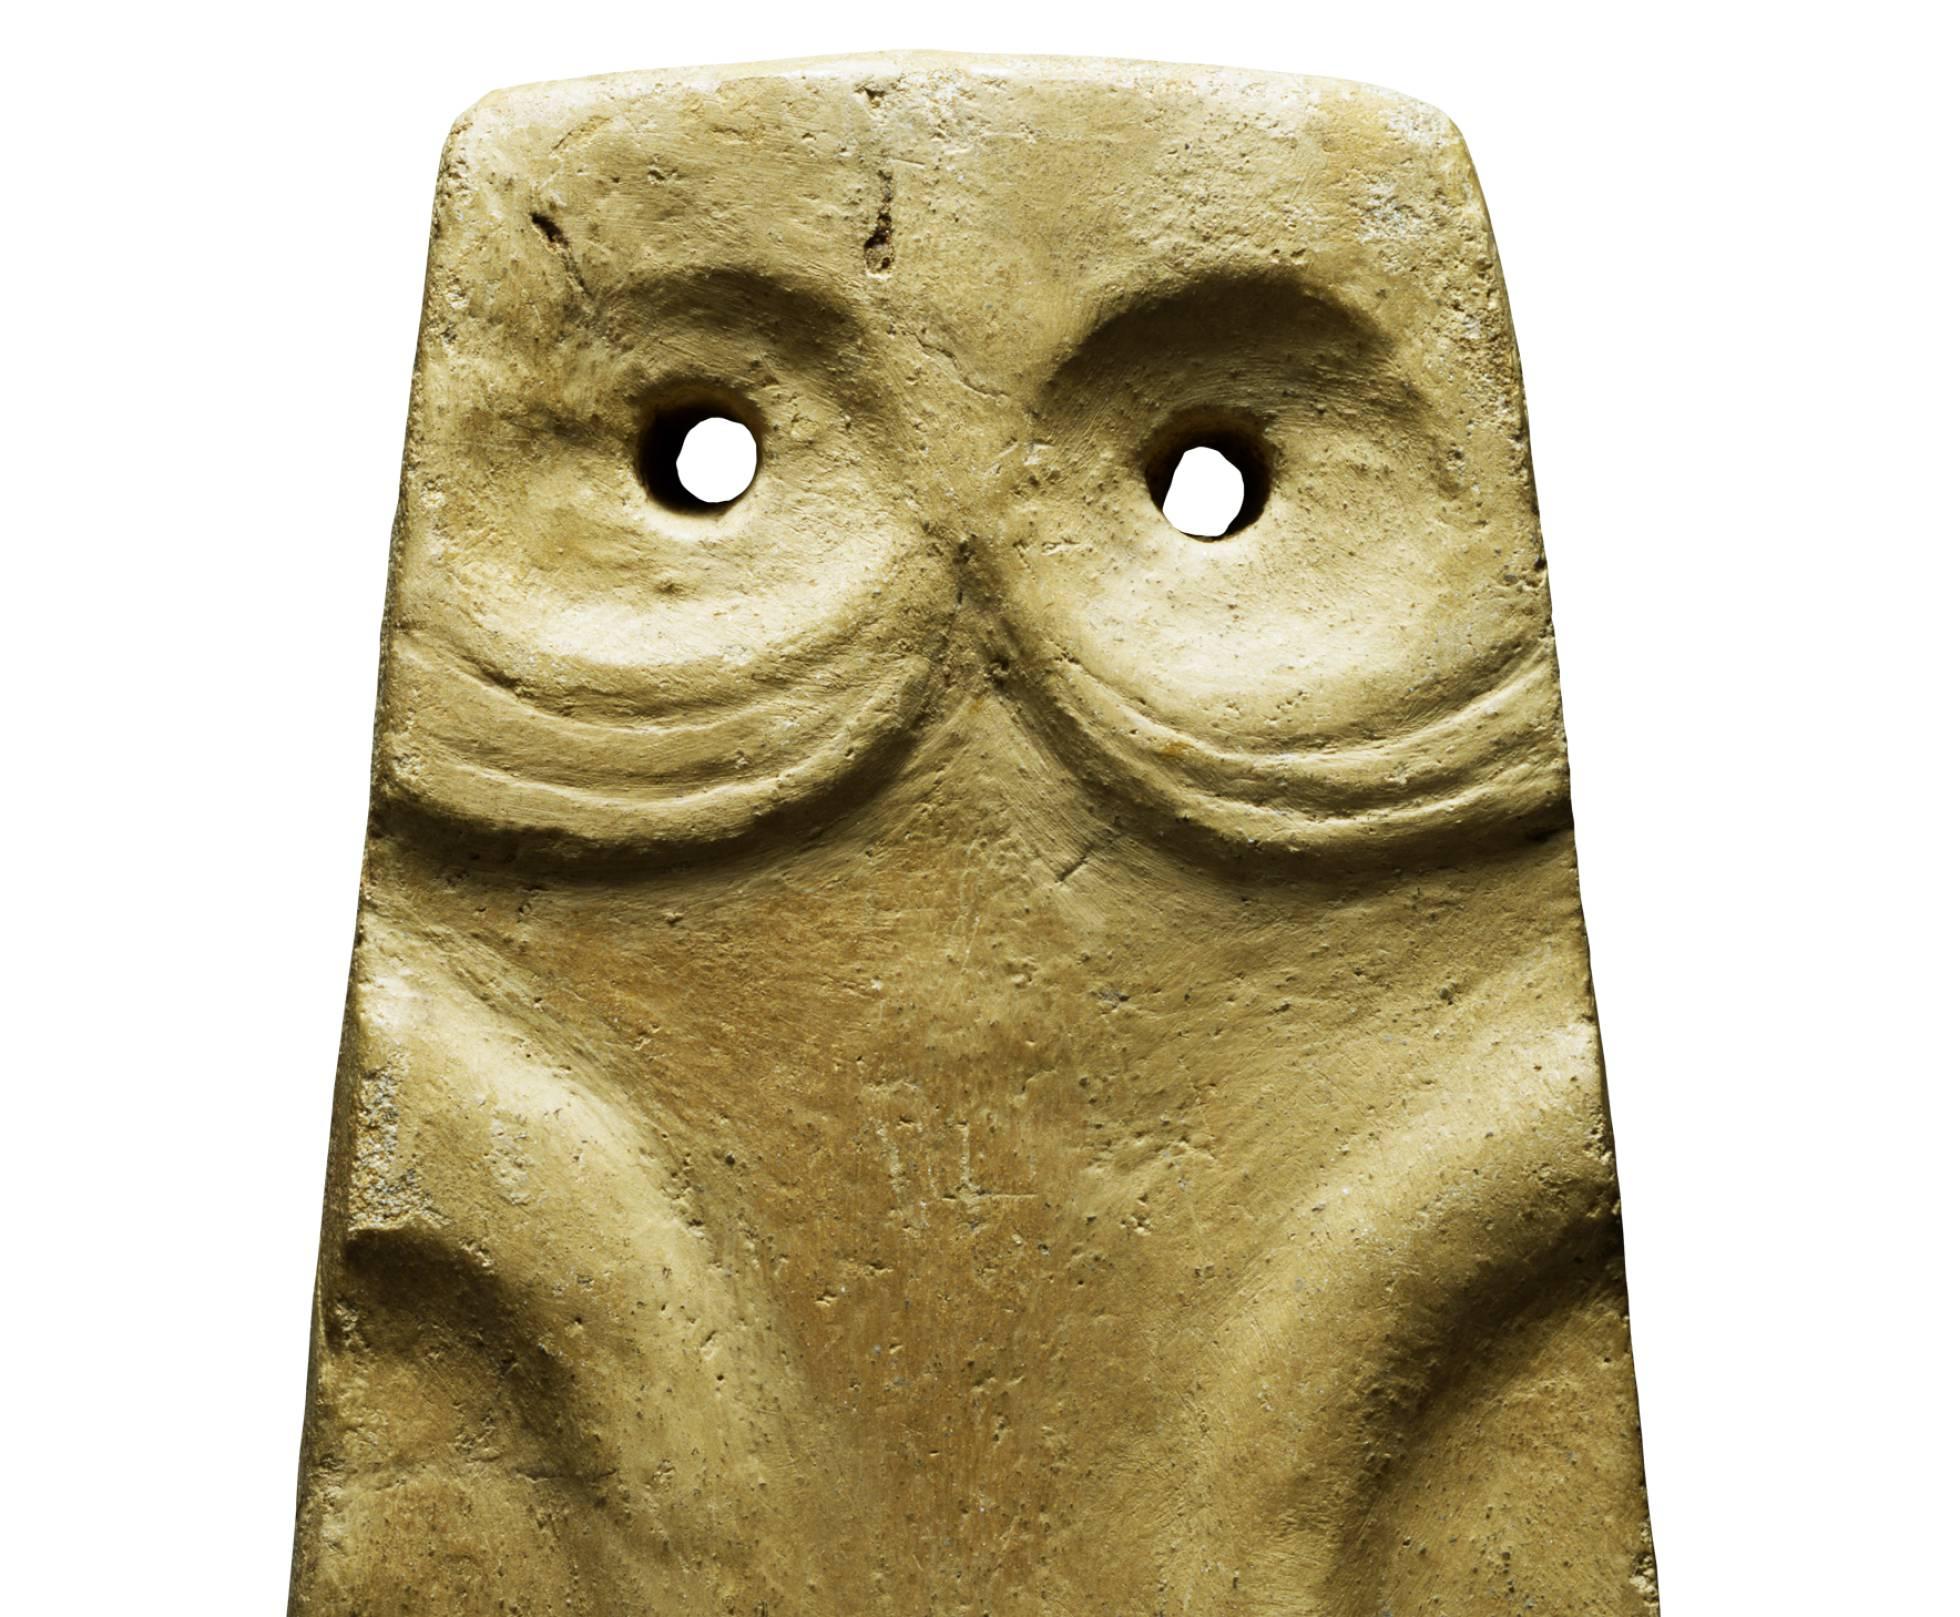 Las figuritas que cuentan historias de hace 5.000 años 1582029041_472727_1582203713_noticia_normal_recorte1